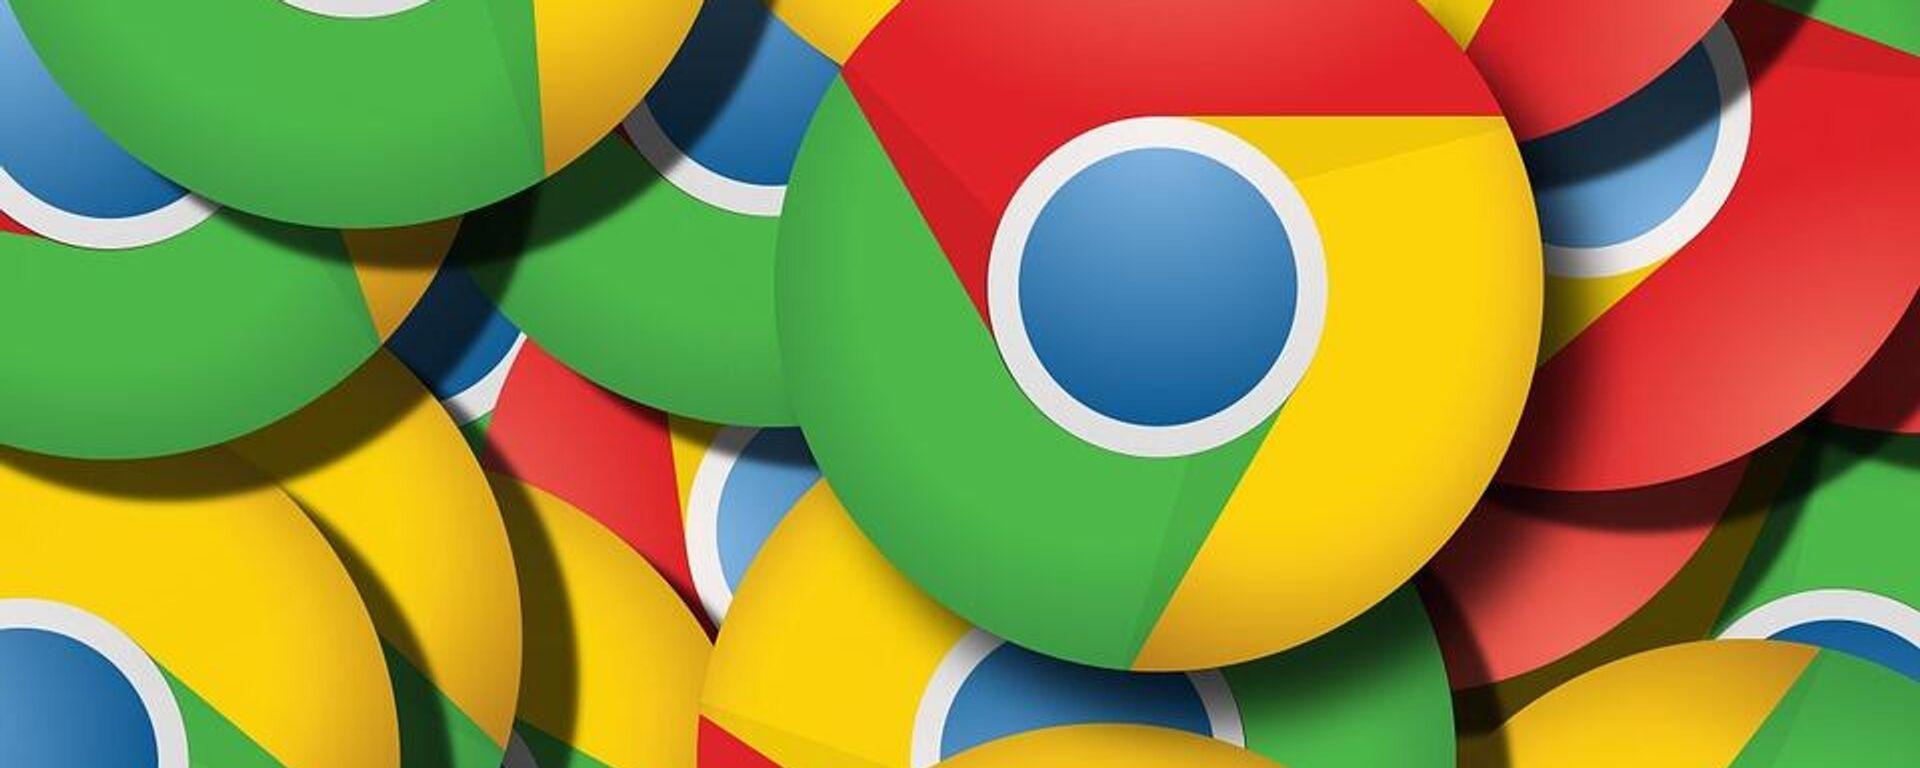 Google Chrome - Sputnik Ελλάδα, 1920, 03.09.2021